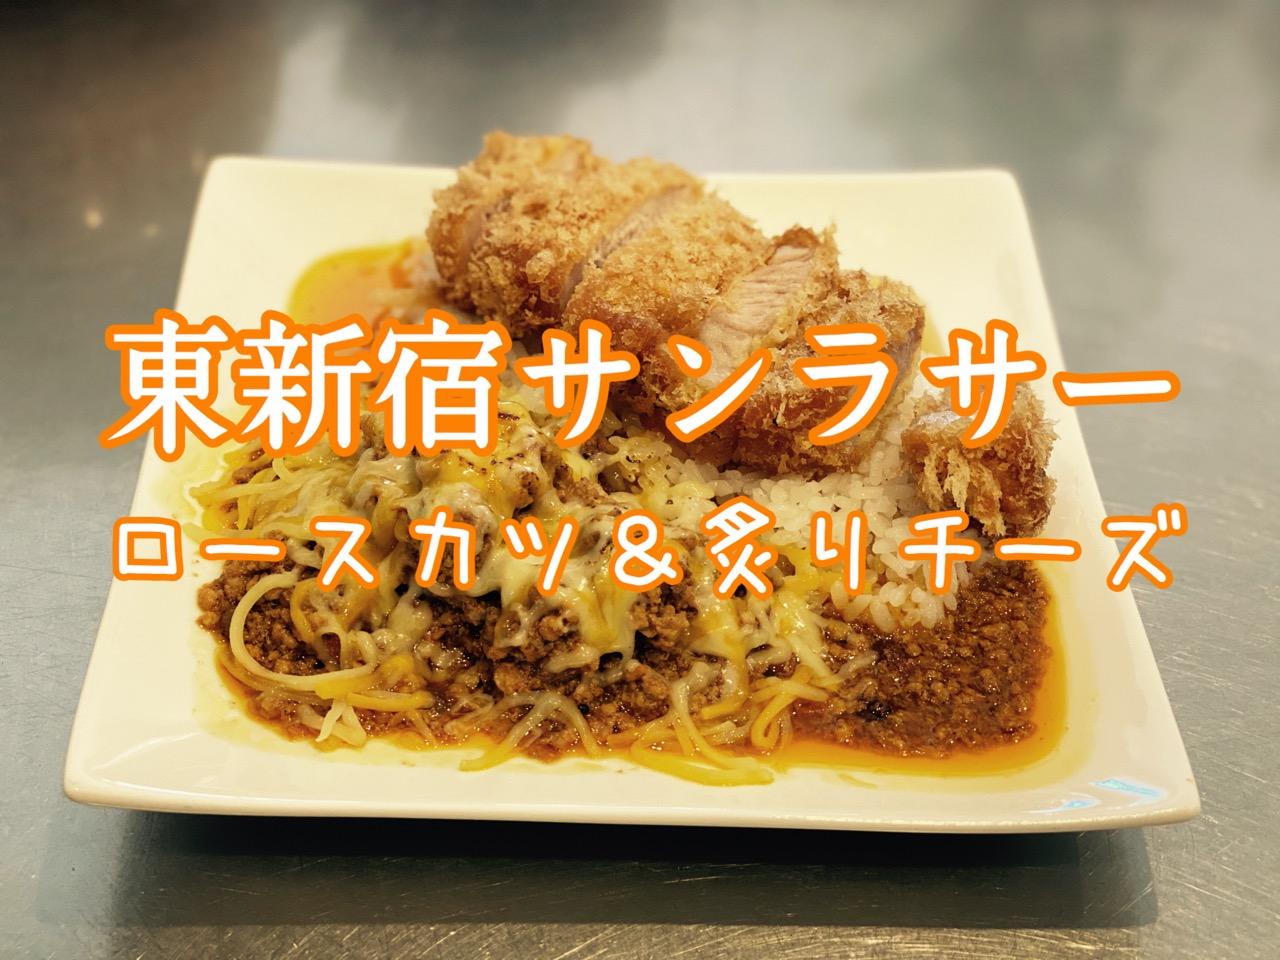 「東新宿サンラサー」ロースカツ&炙りチーズでカツカレー!オジさんはガスバーナーでチーズを炙ったのであった